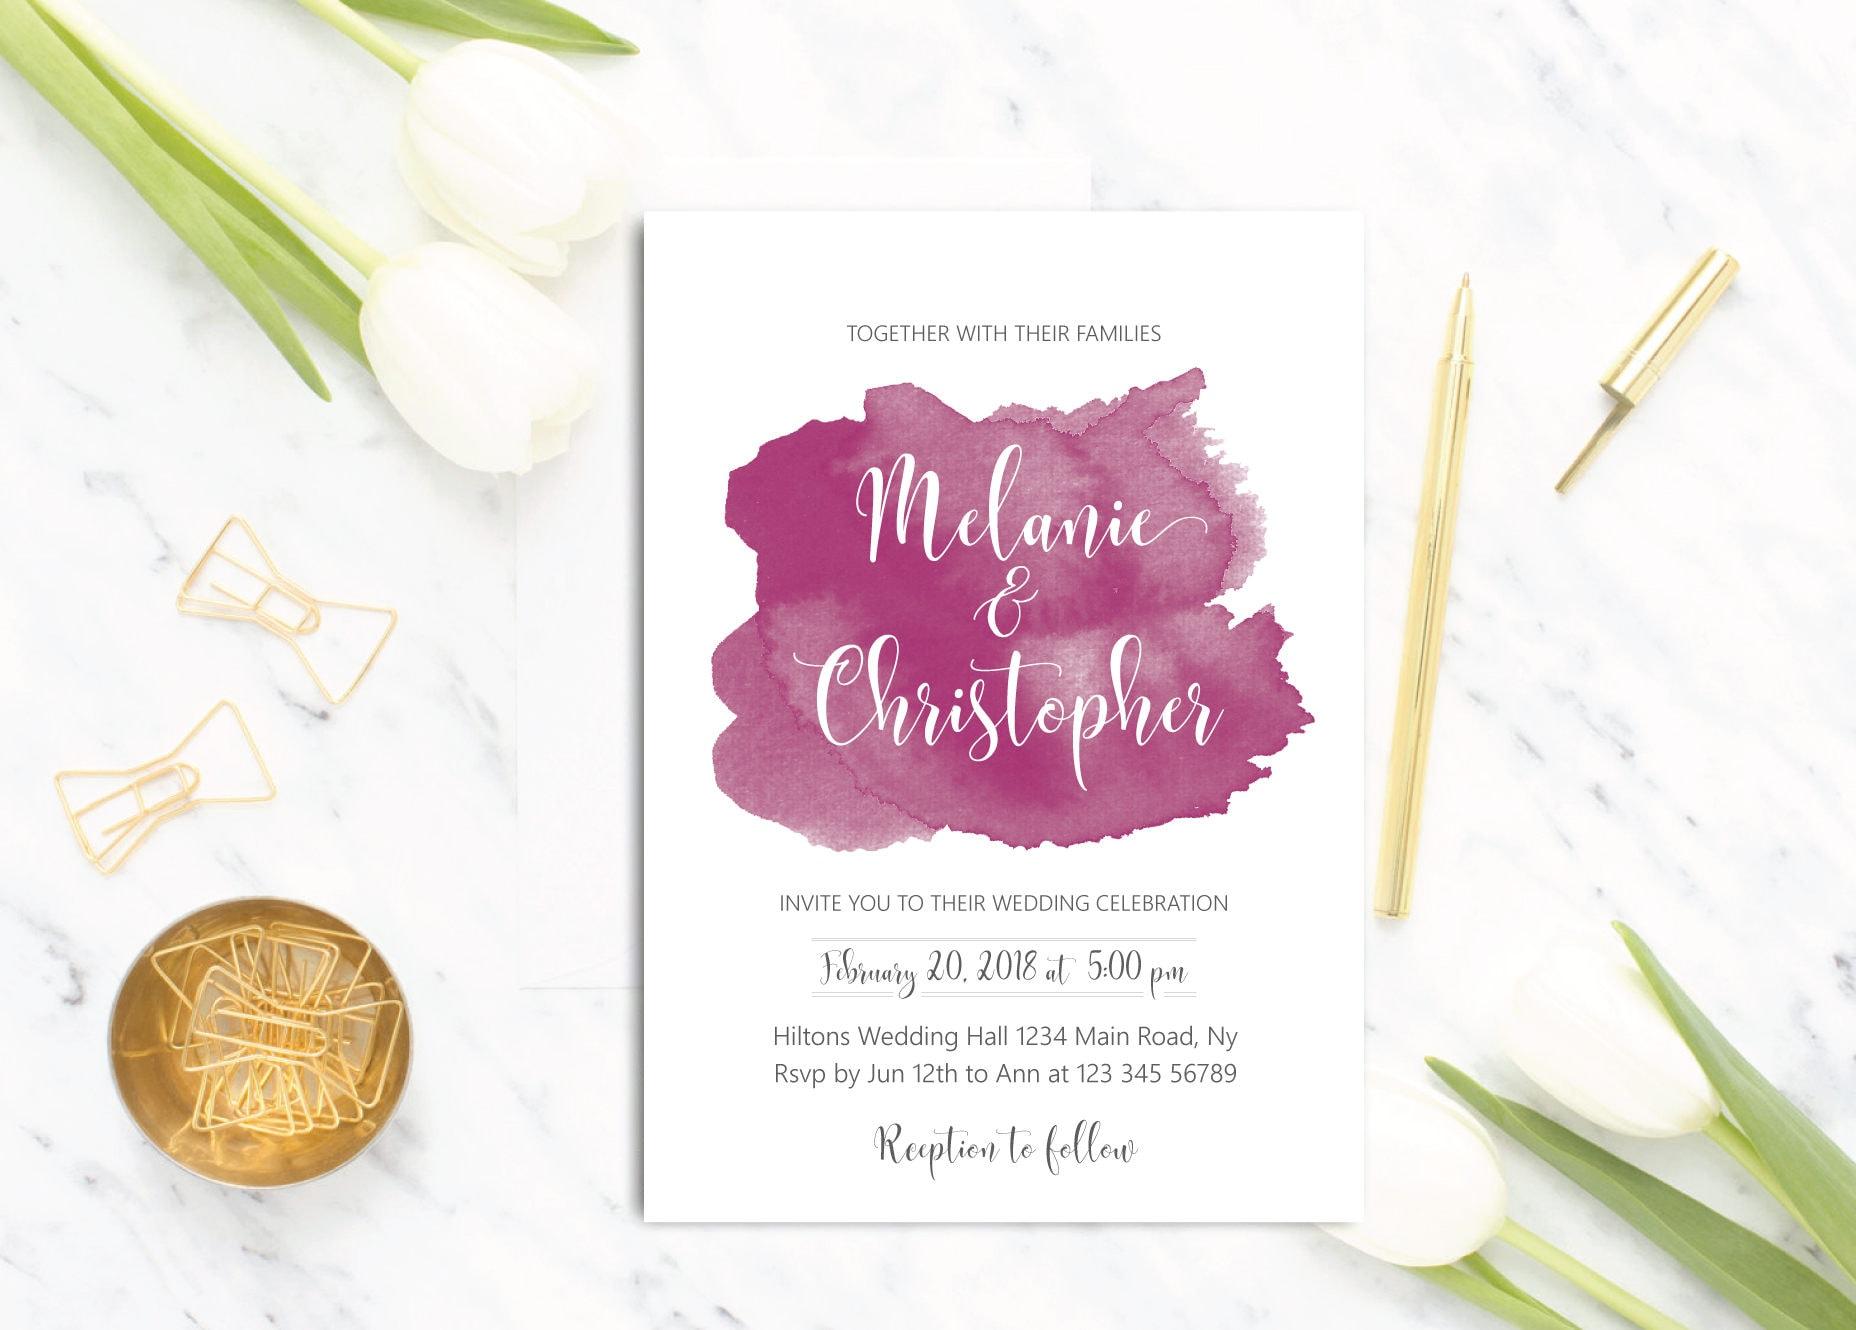 Ziemlich Druckbare Vorlagen Der Hochzeitseinladungen Bilder - Entry ...